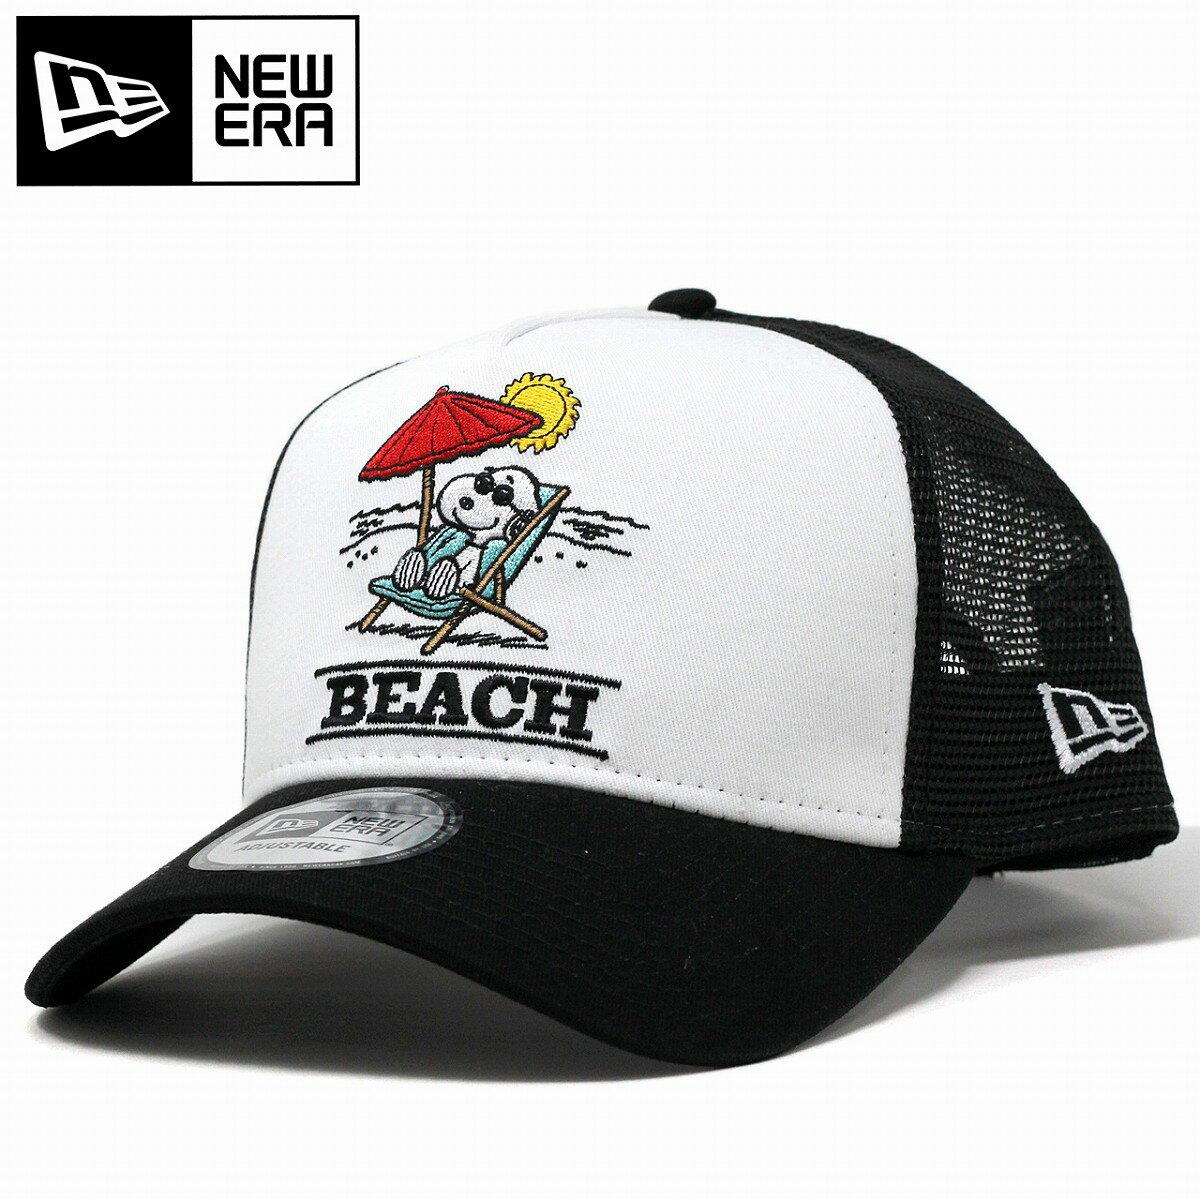 レディース帽子, キャップ  NEWERA 9FORTY A-Frame PEANUTS baseball cap